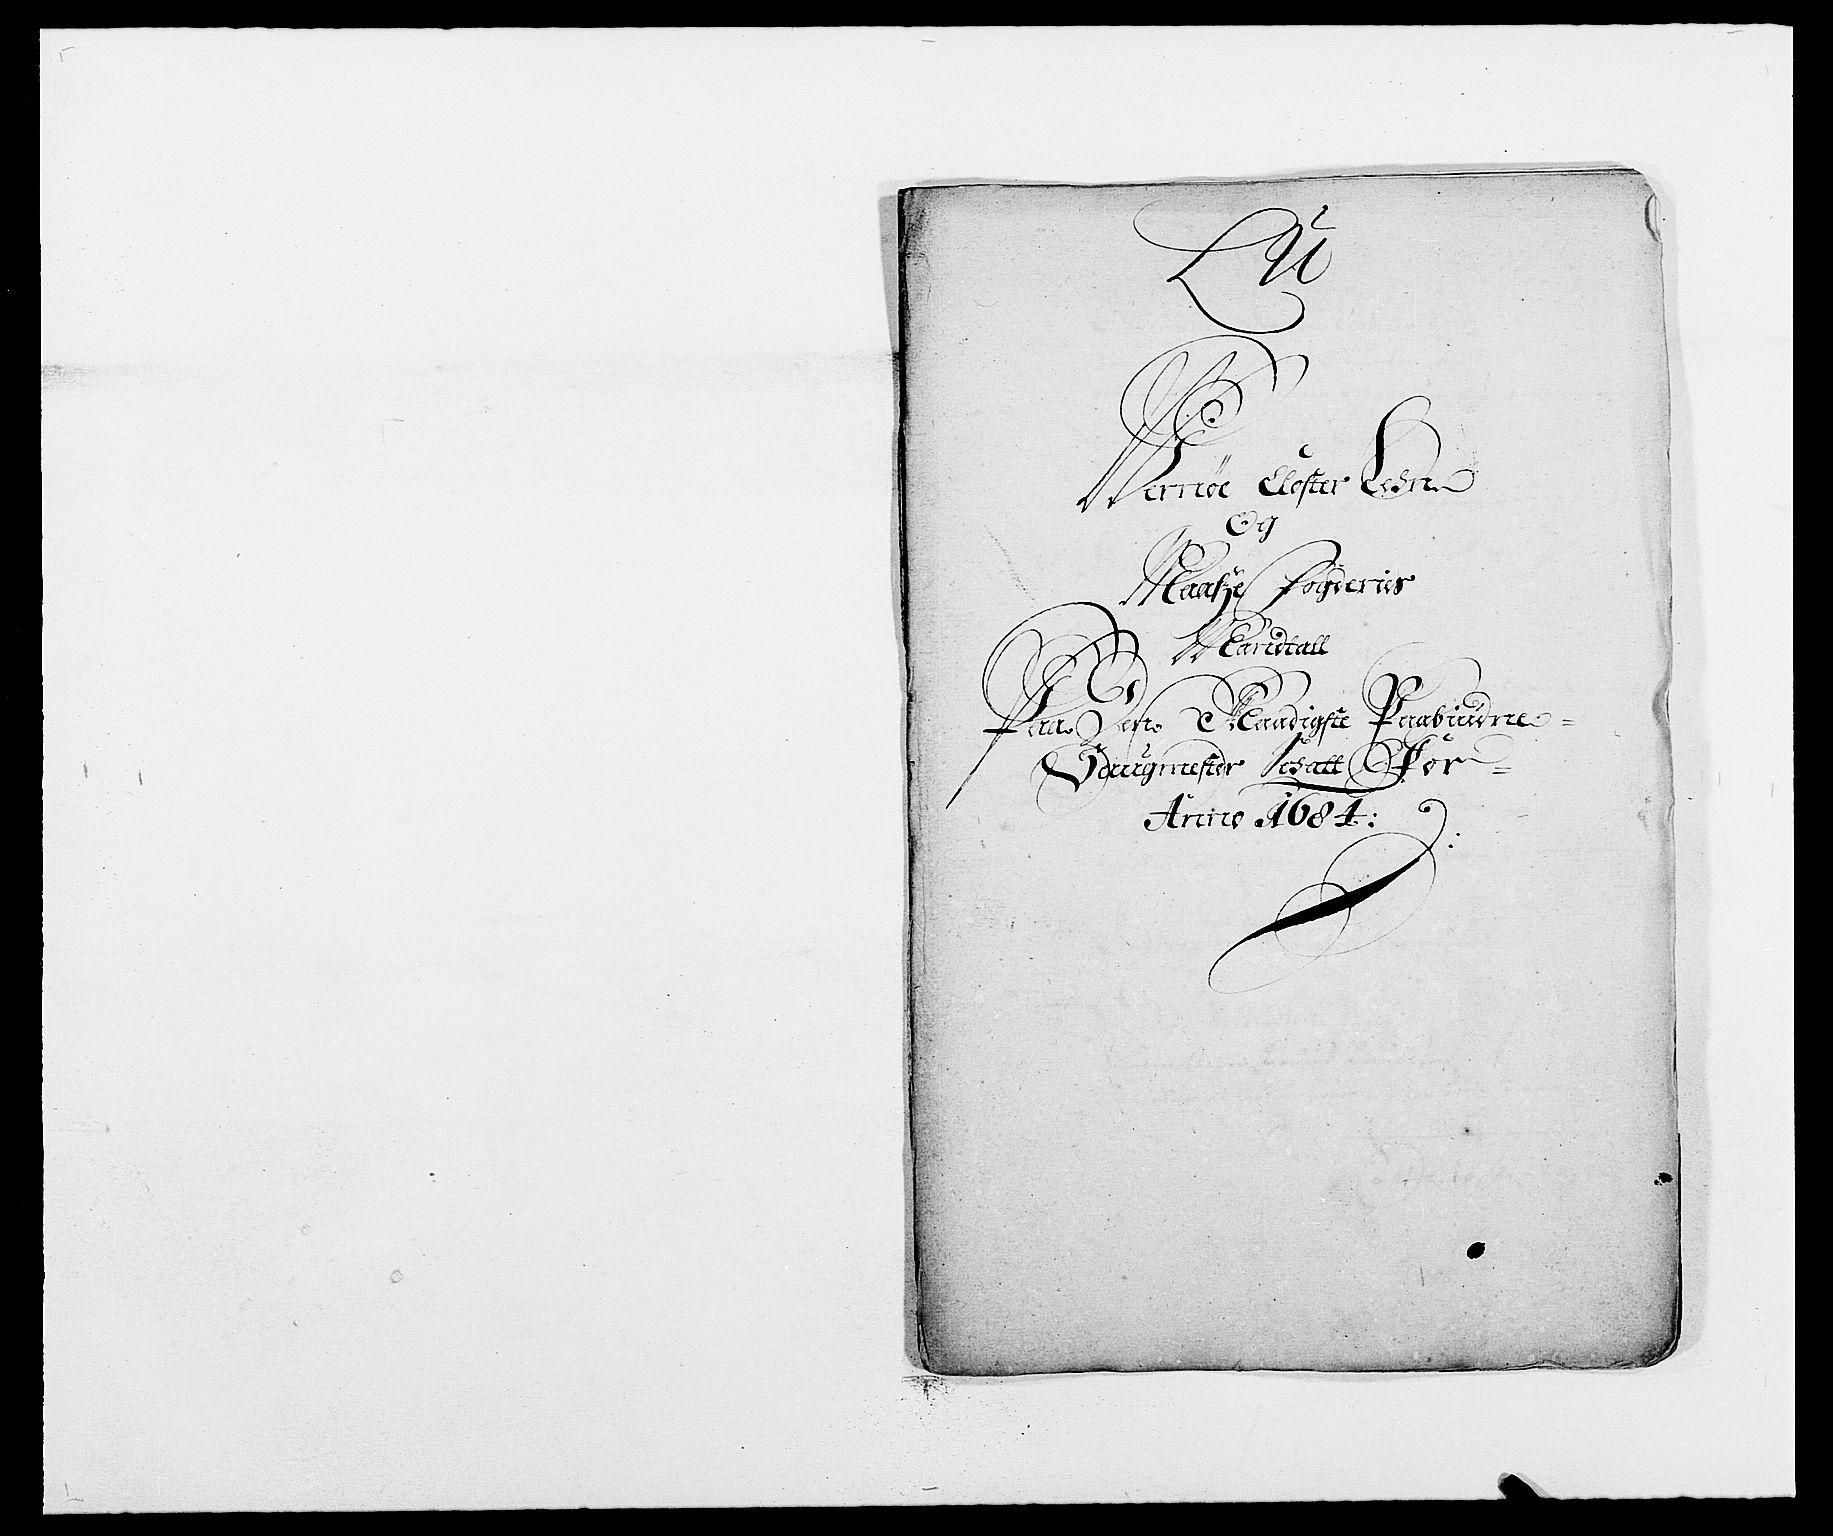 RA, Rentekammeret inntil 1814, Reviderte regnskaper, Fogderegnskap, R02/L0103: Fogderegnskap Moss og Verne kloster, 1682-1684, p. 511